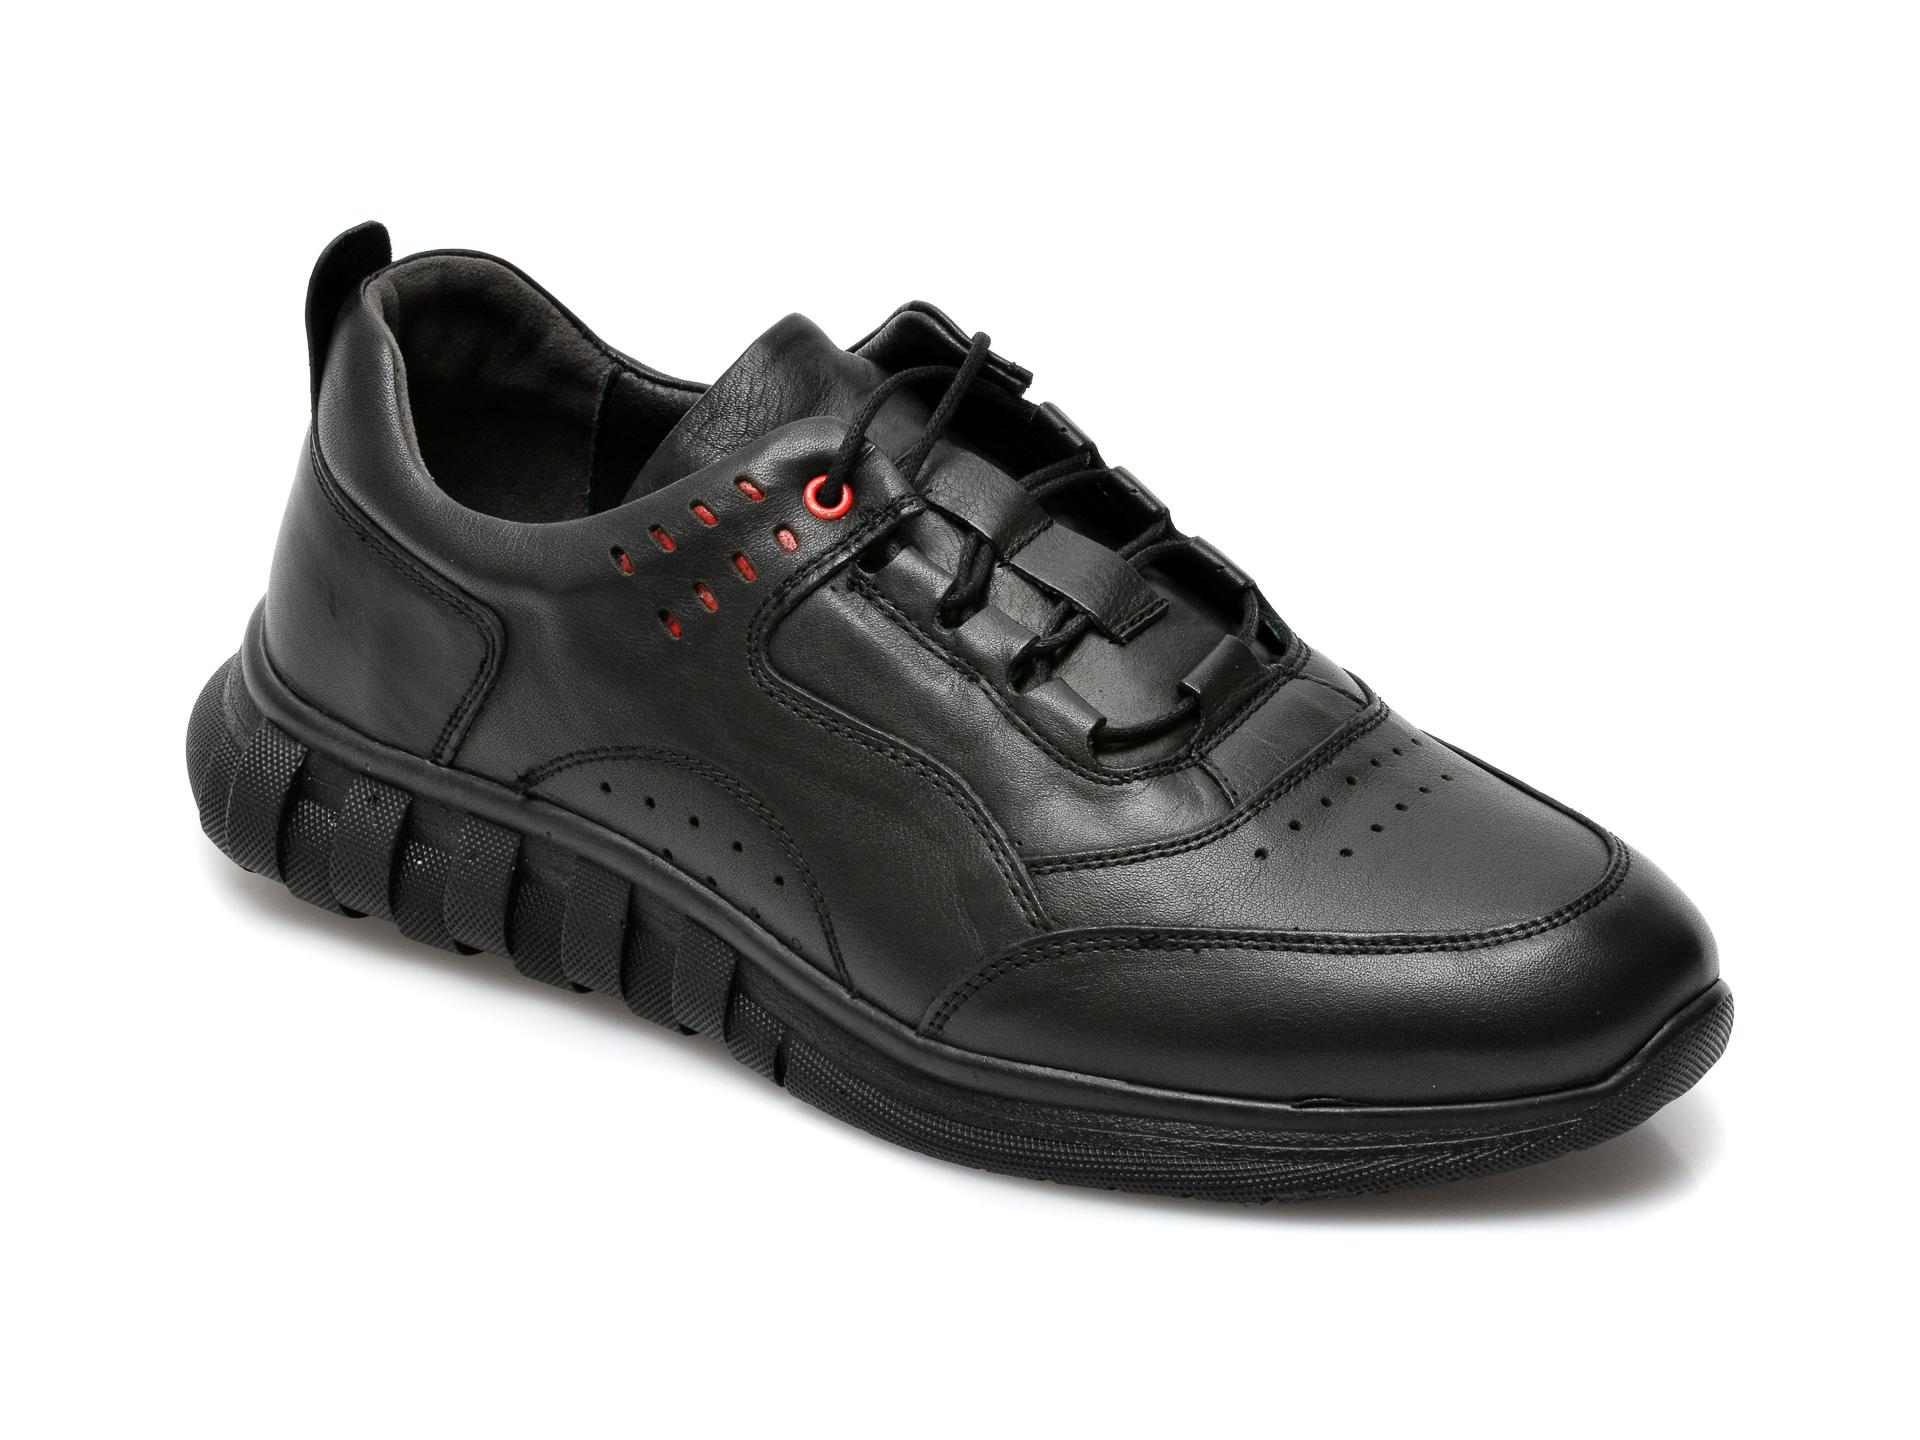 Pantofi GRYXX negri, SYR104, din piele naturala